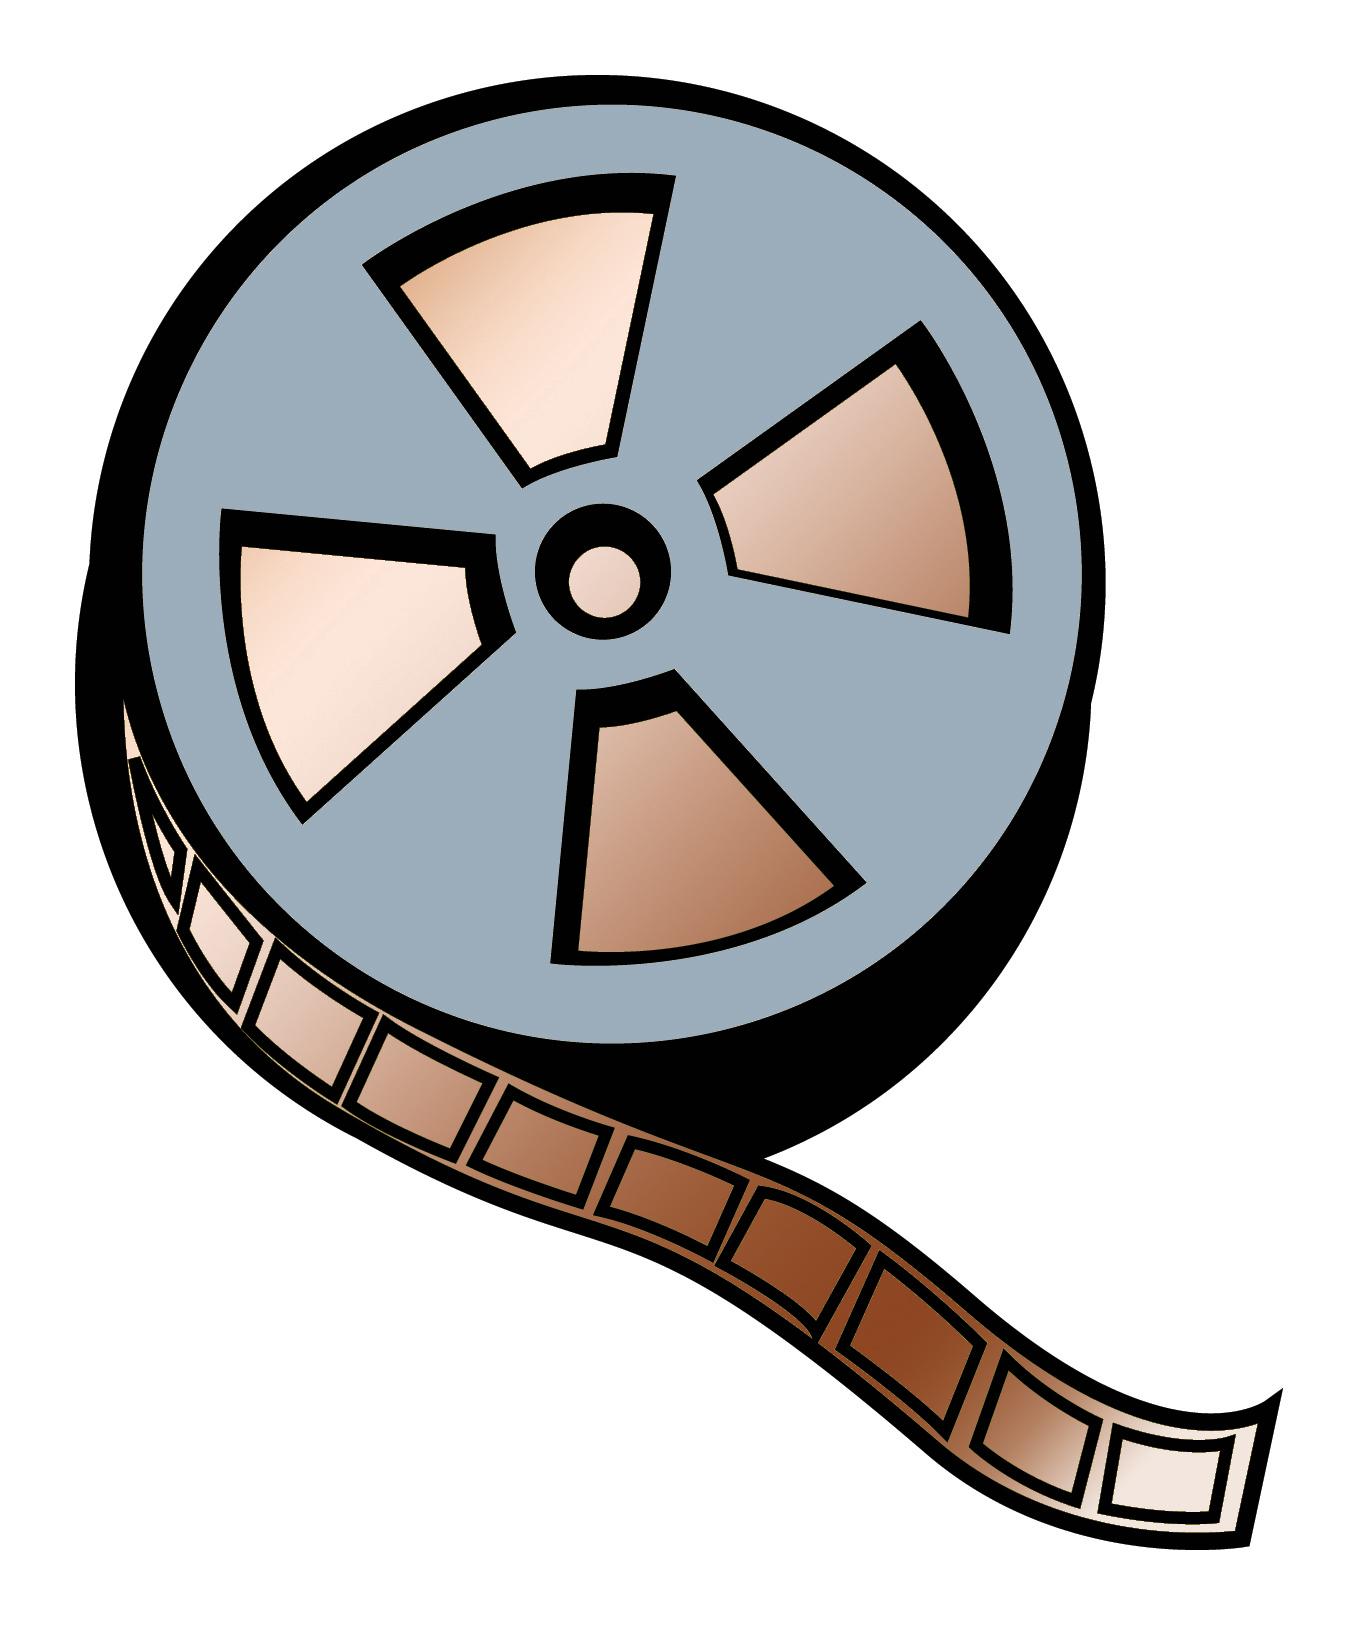 1358x1625 Cartoon Film Reel Clipart